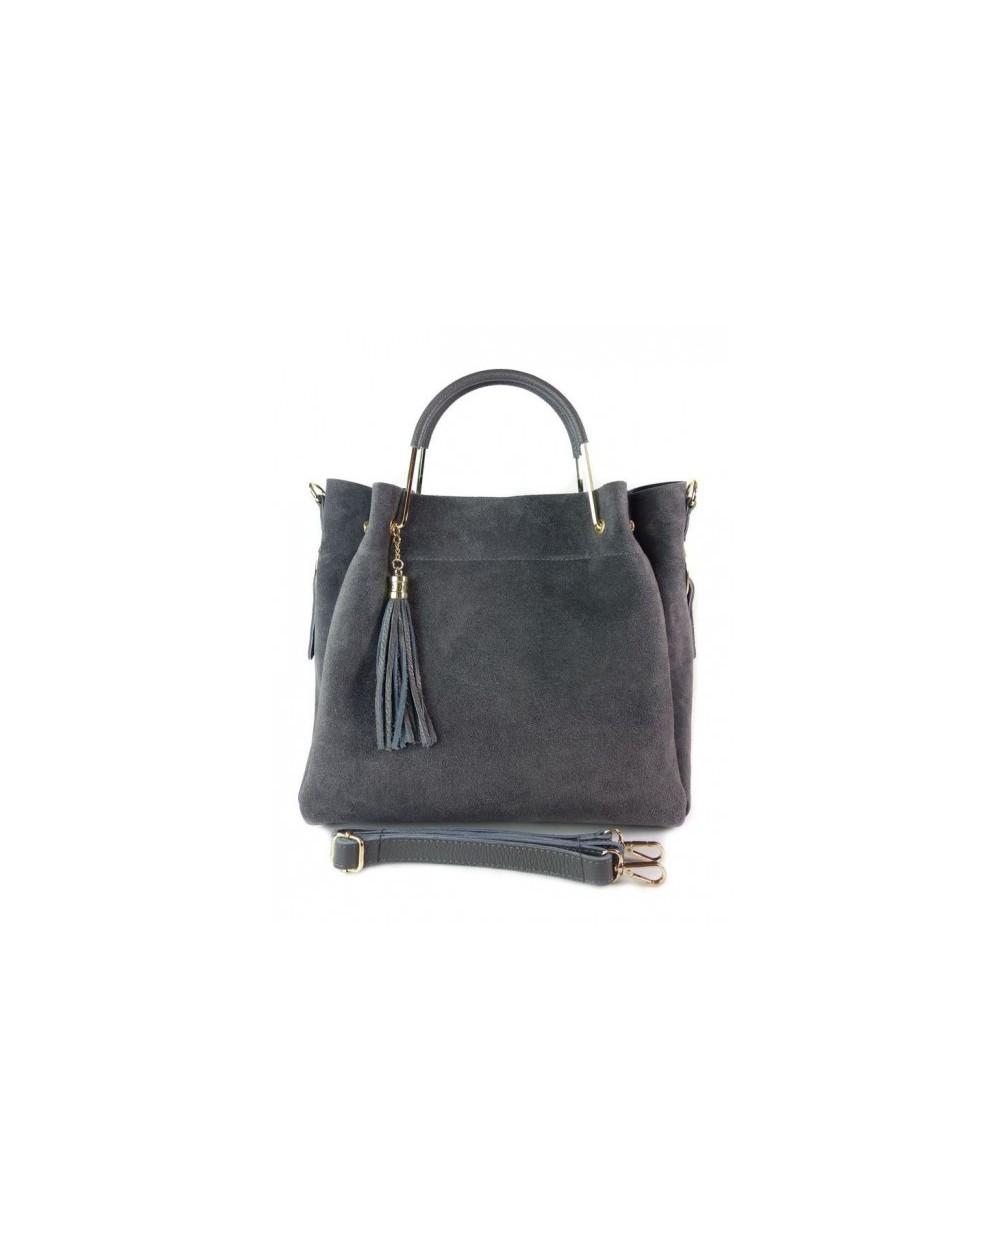 Włoska torebka zamszowa duży kuferek z frędzelkiem a'la LV szara